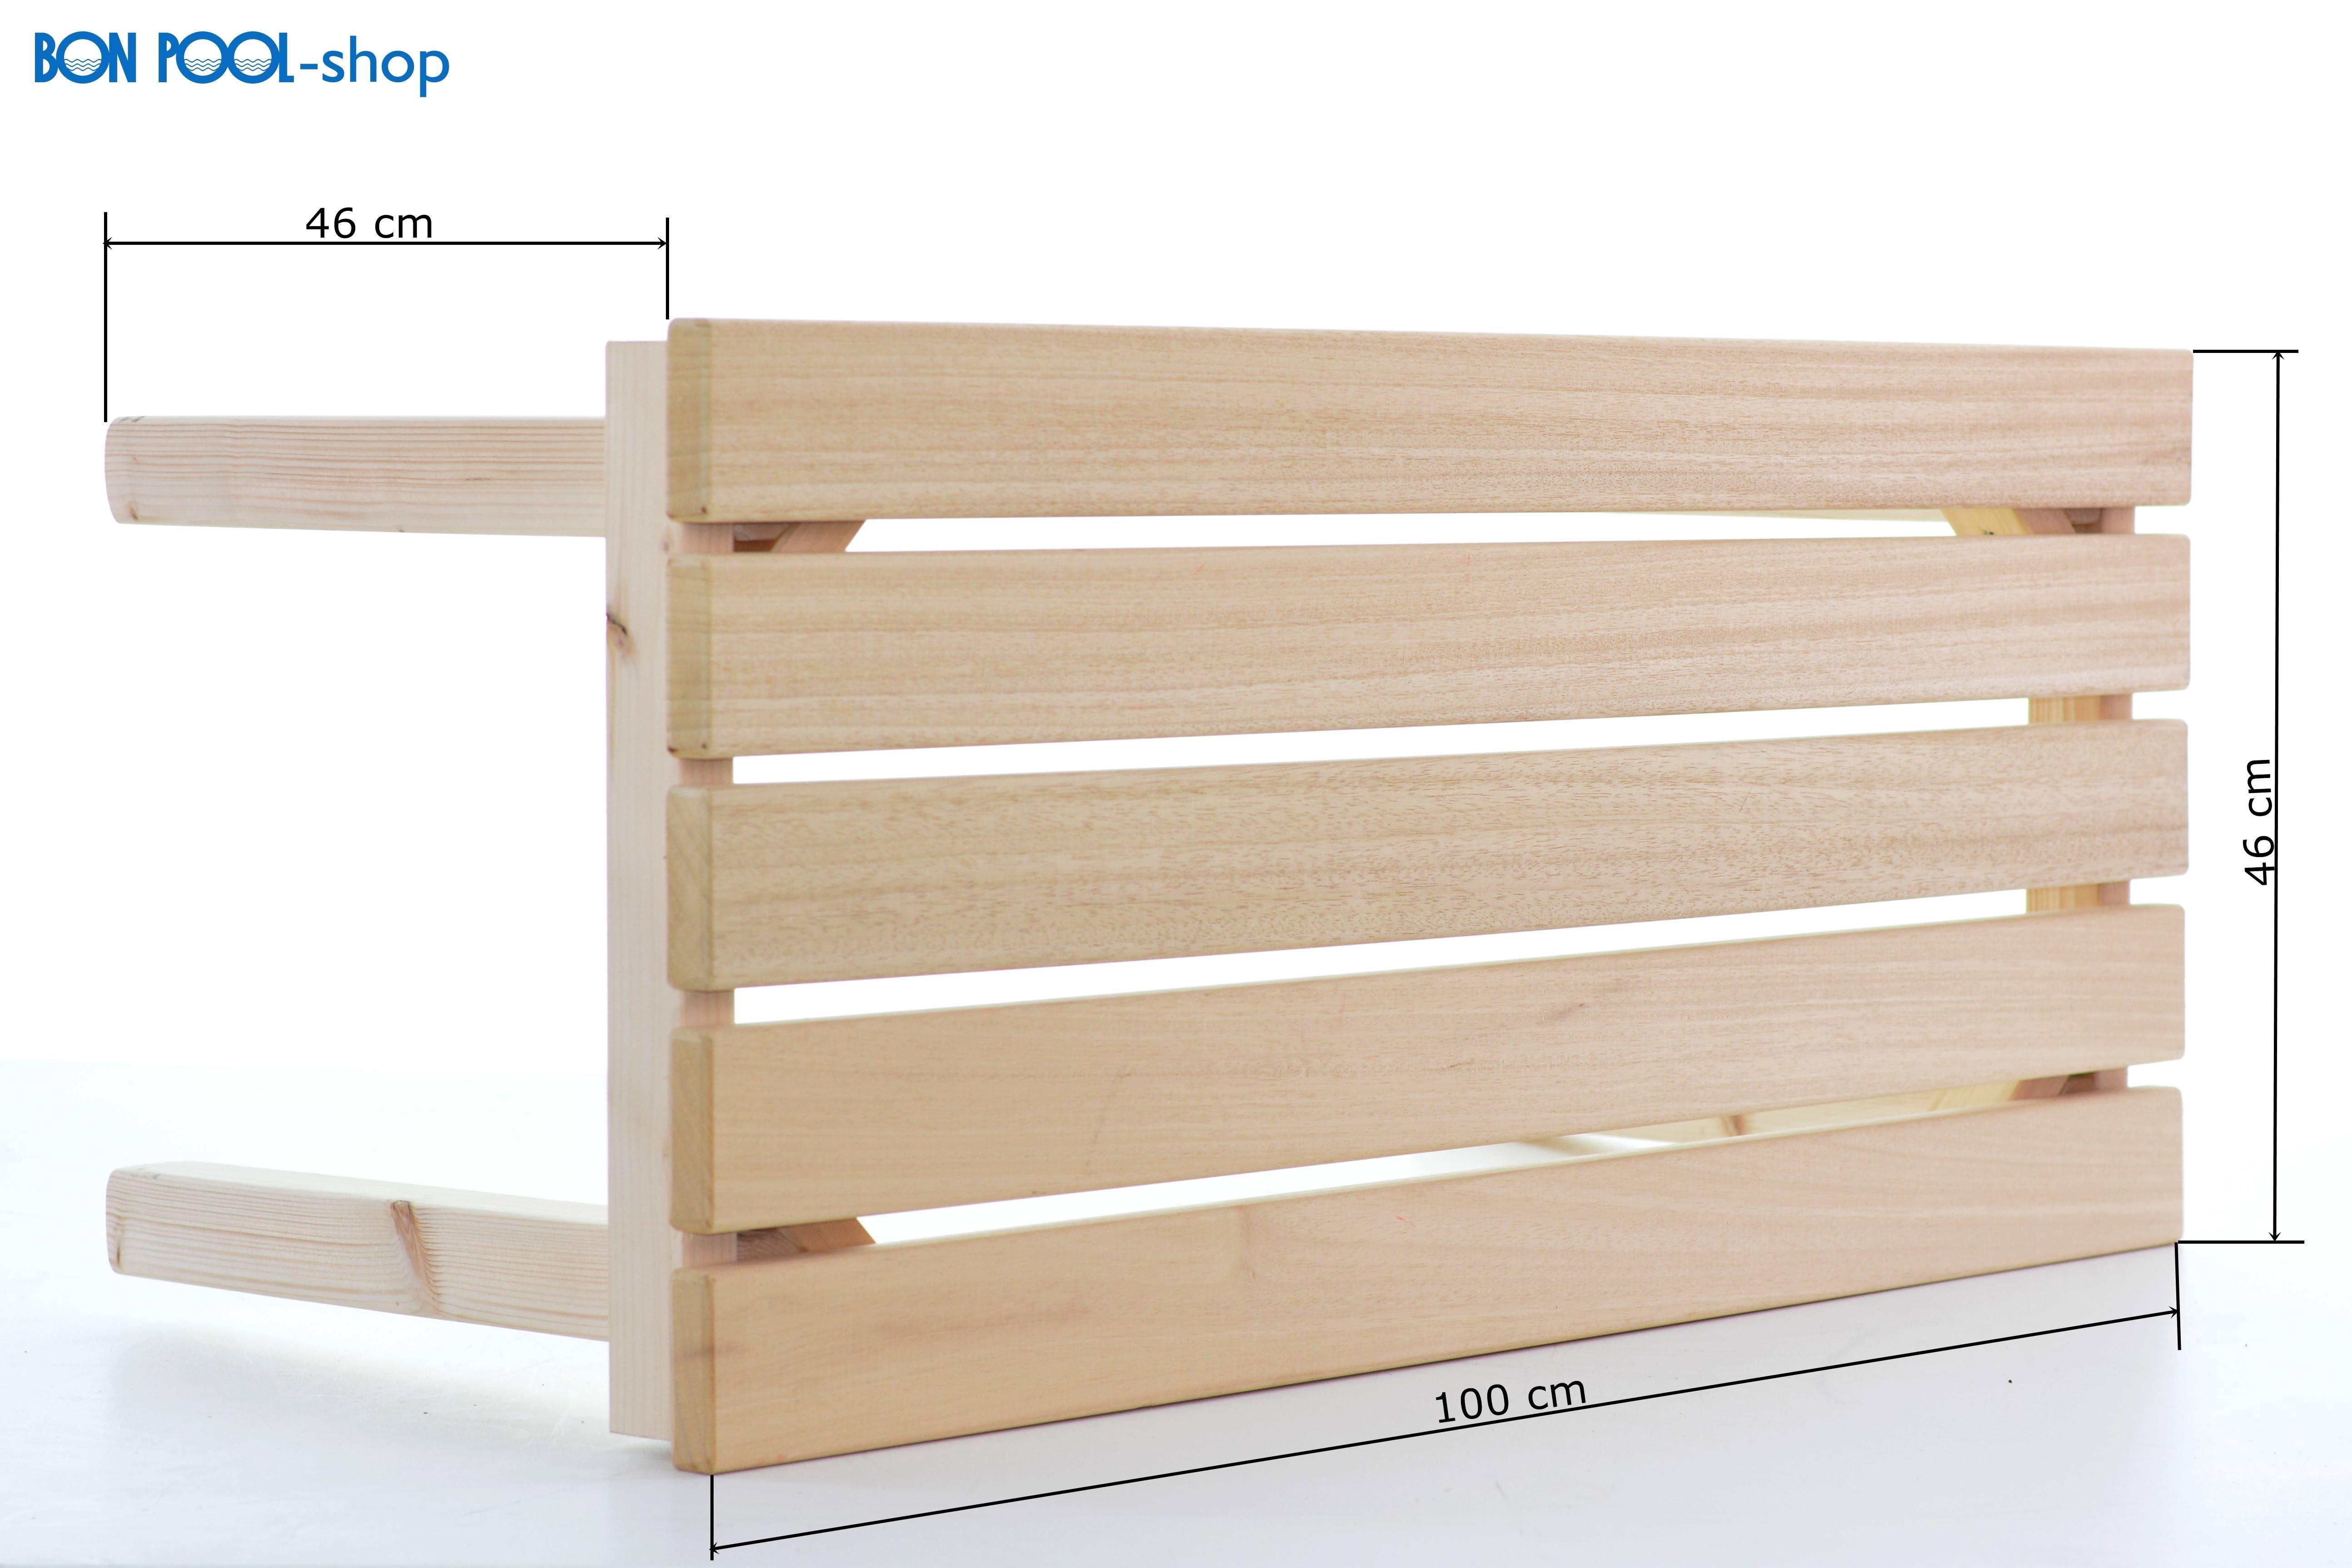 saunabank saunahocker abachi bon pool. Black Bedroom Furniture Sets. Home Design Ideas